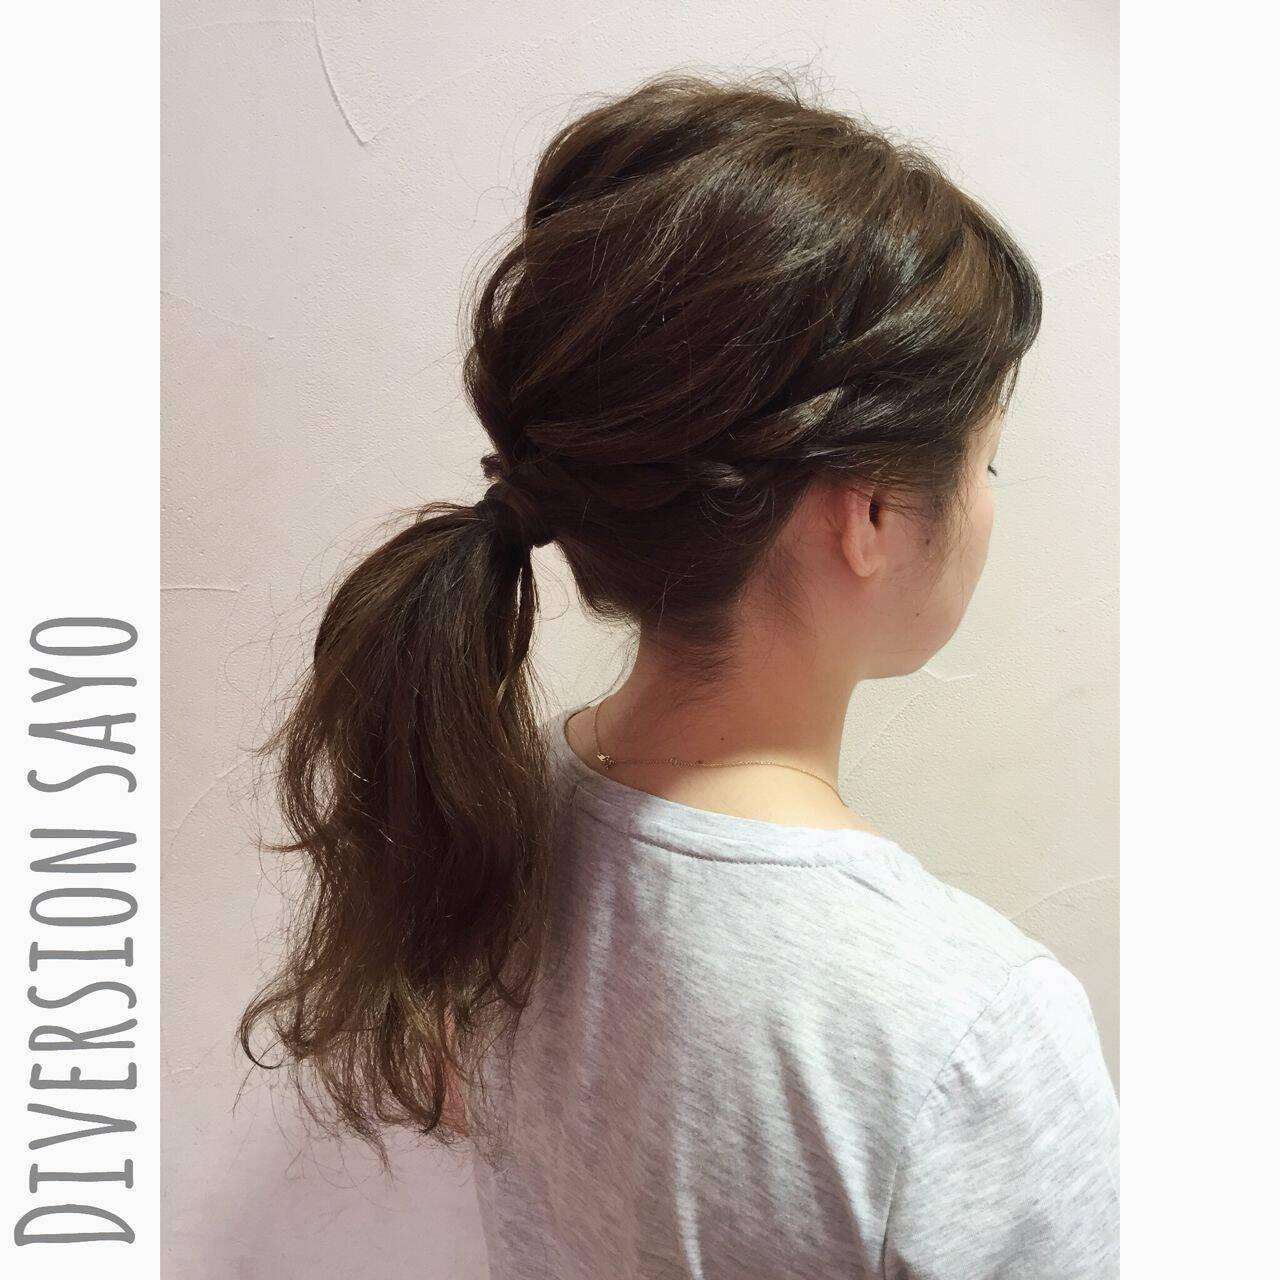 ポニーテール ヘアアレンジ ラフ ローポニーテールヘアスタイルや髪型の写真・画像